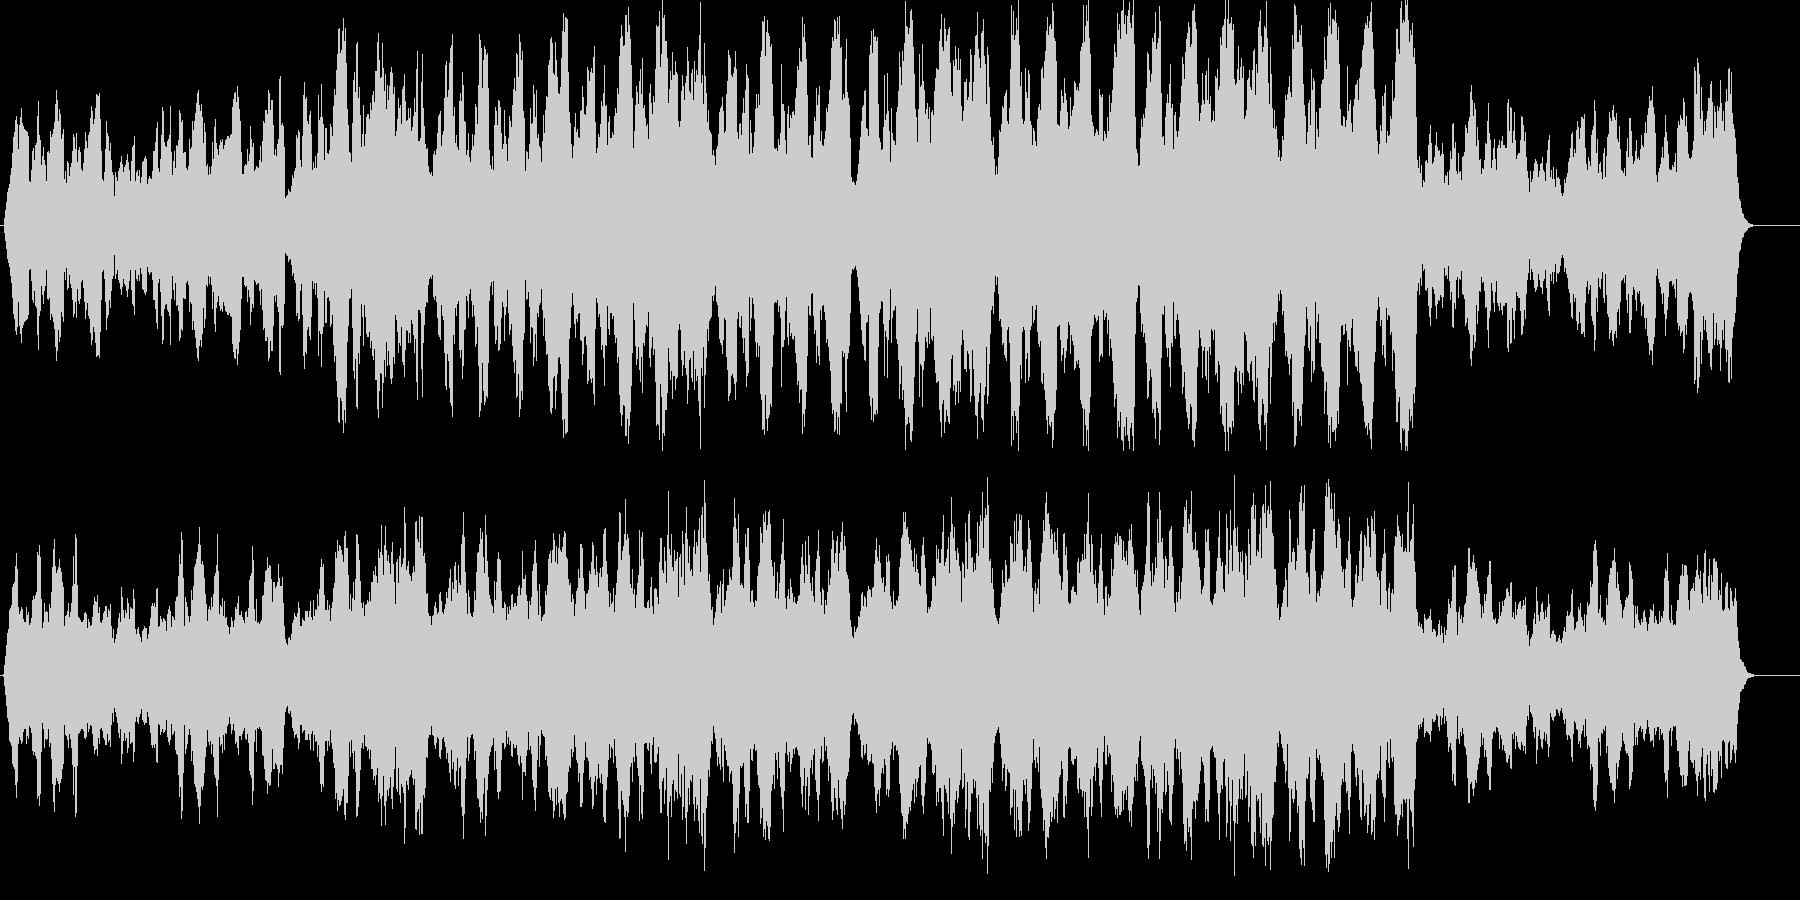 荘厳で上品な雰囲気のストリングス曲の未再生の波形